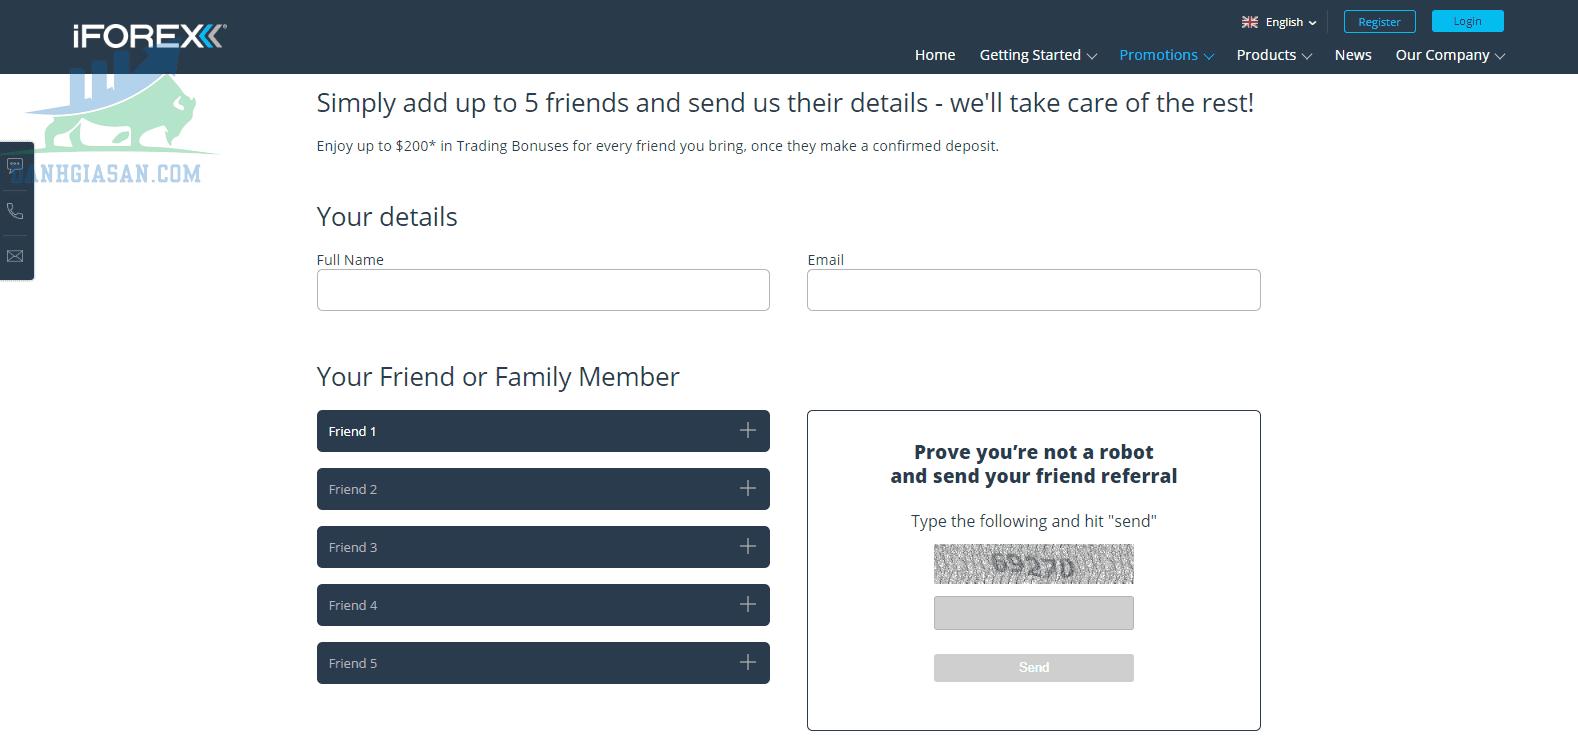 Chương trình khuyến mãi giới thiệu khách hàng của iForex